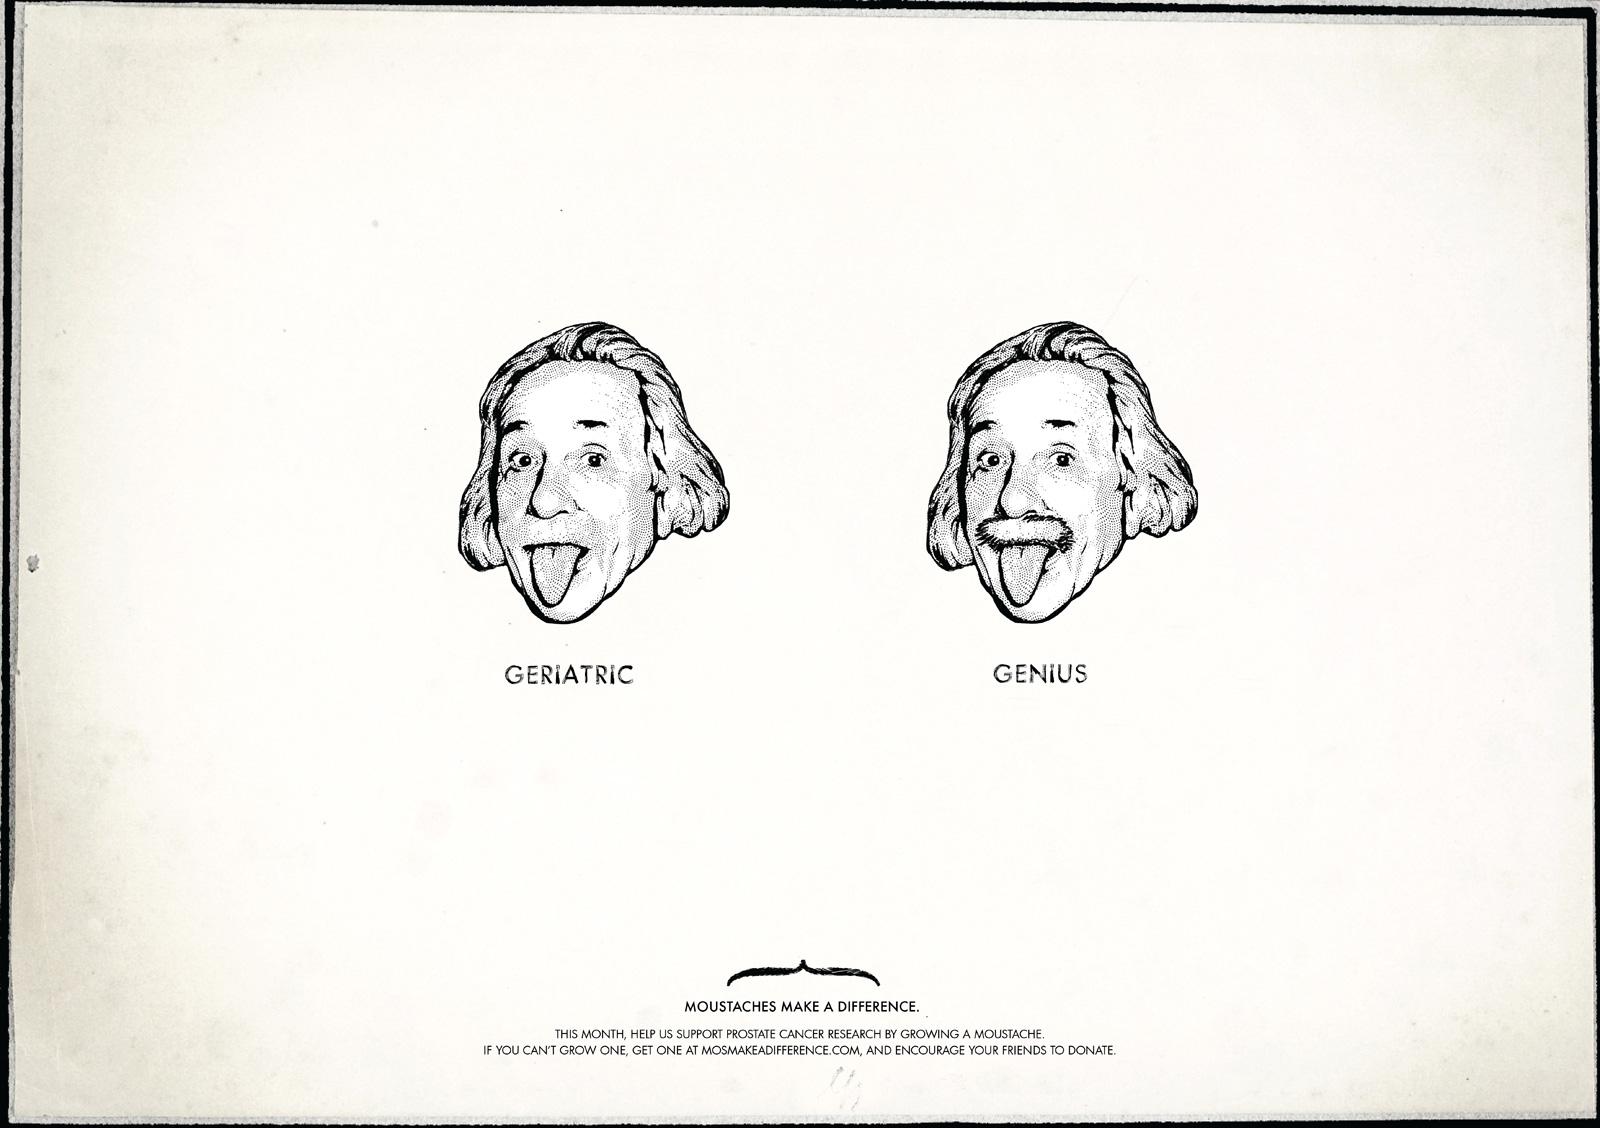 http://3.bp.blogspot.com/_42nL05s3A-8/TNnyZQPeYeI/AAAAAAAADCA/6T7fdBOzKc4/s1600/Moustaches-Make-A-Difference-einstein.jpg